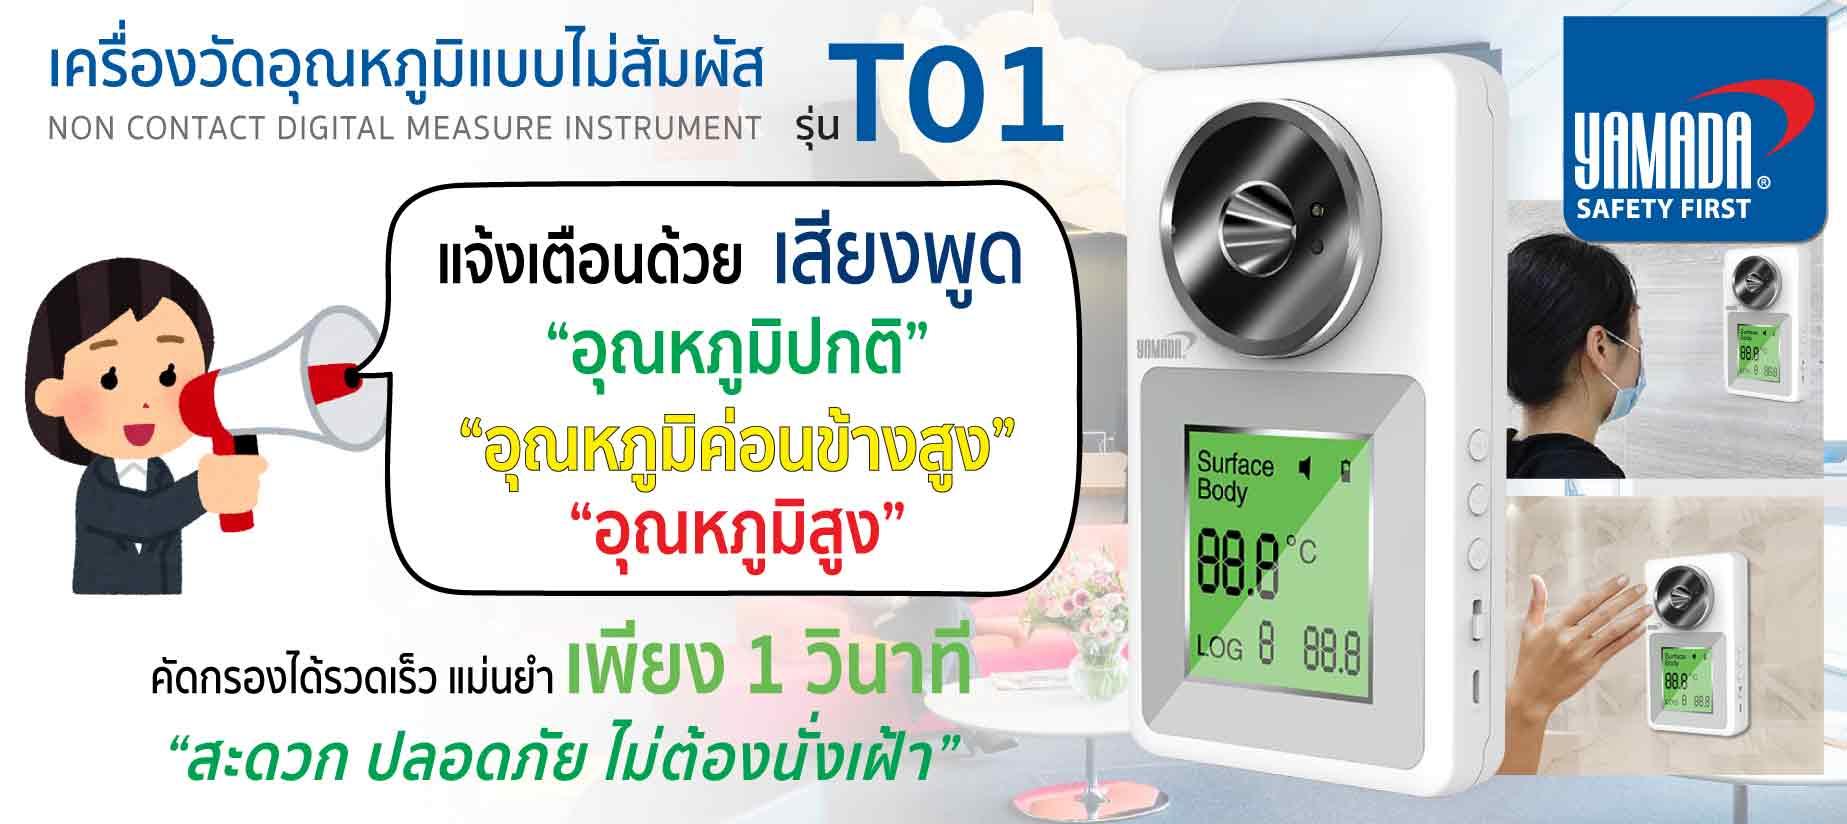 เครื่องวัดไข้แบบตั้ง T01